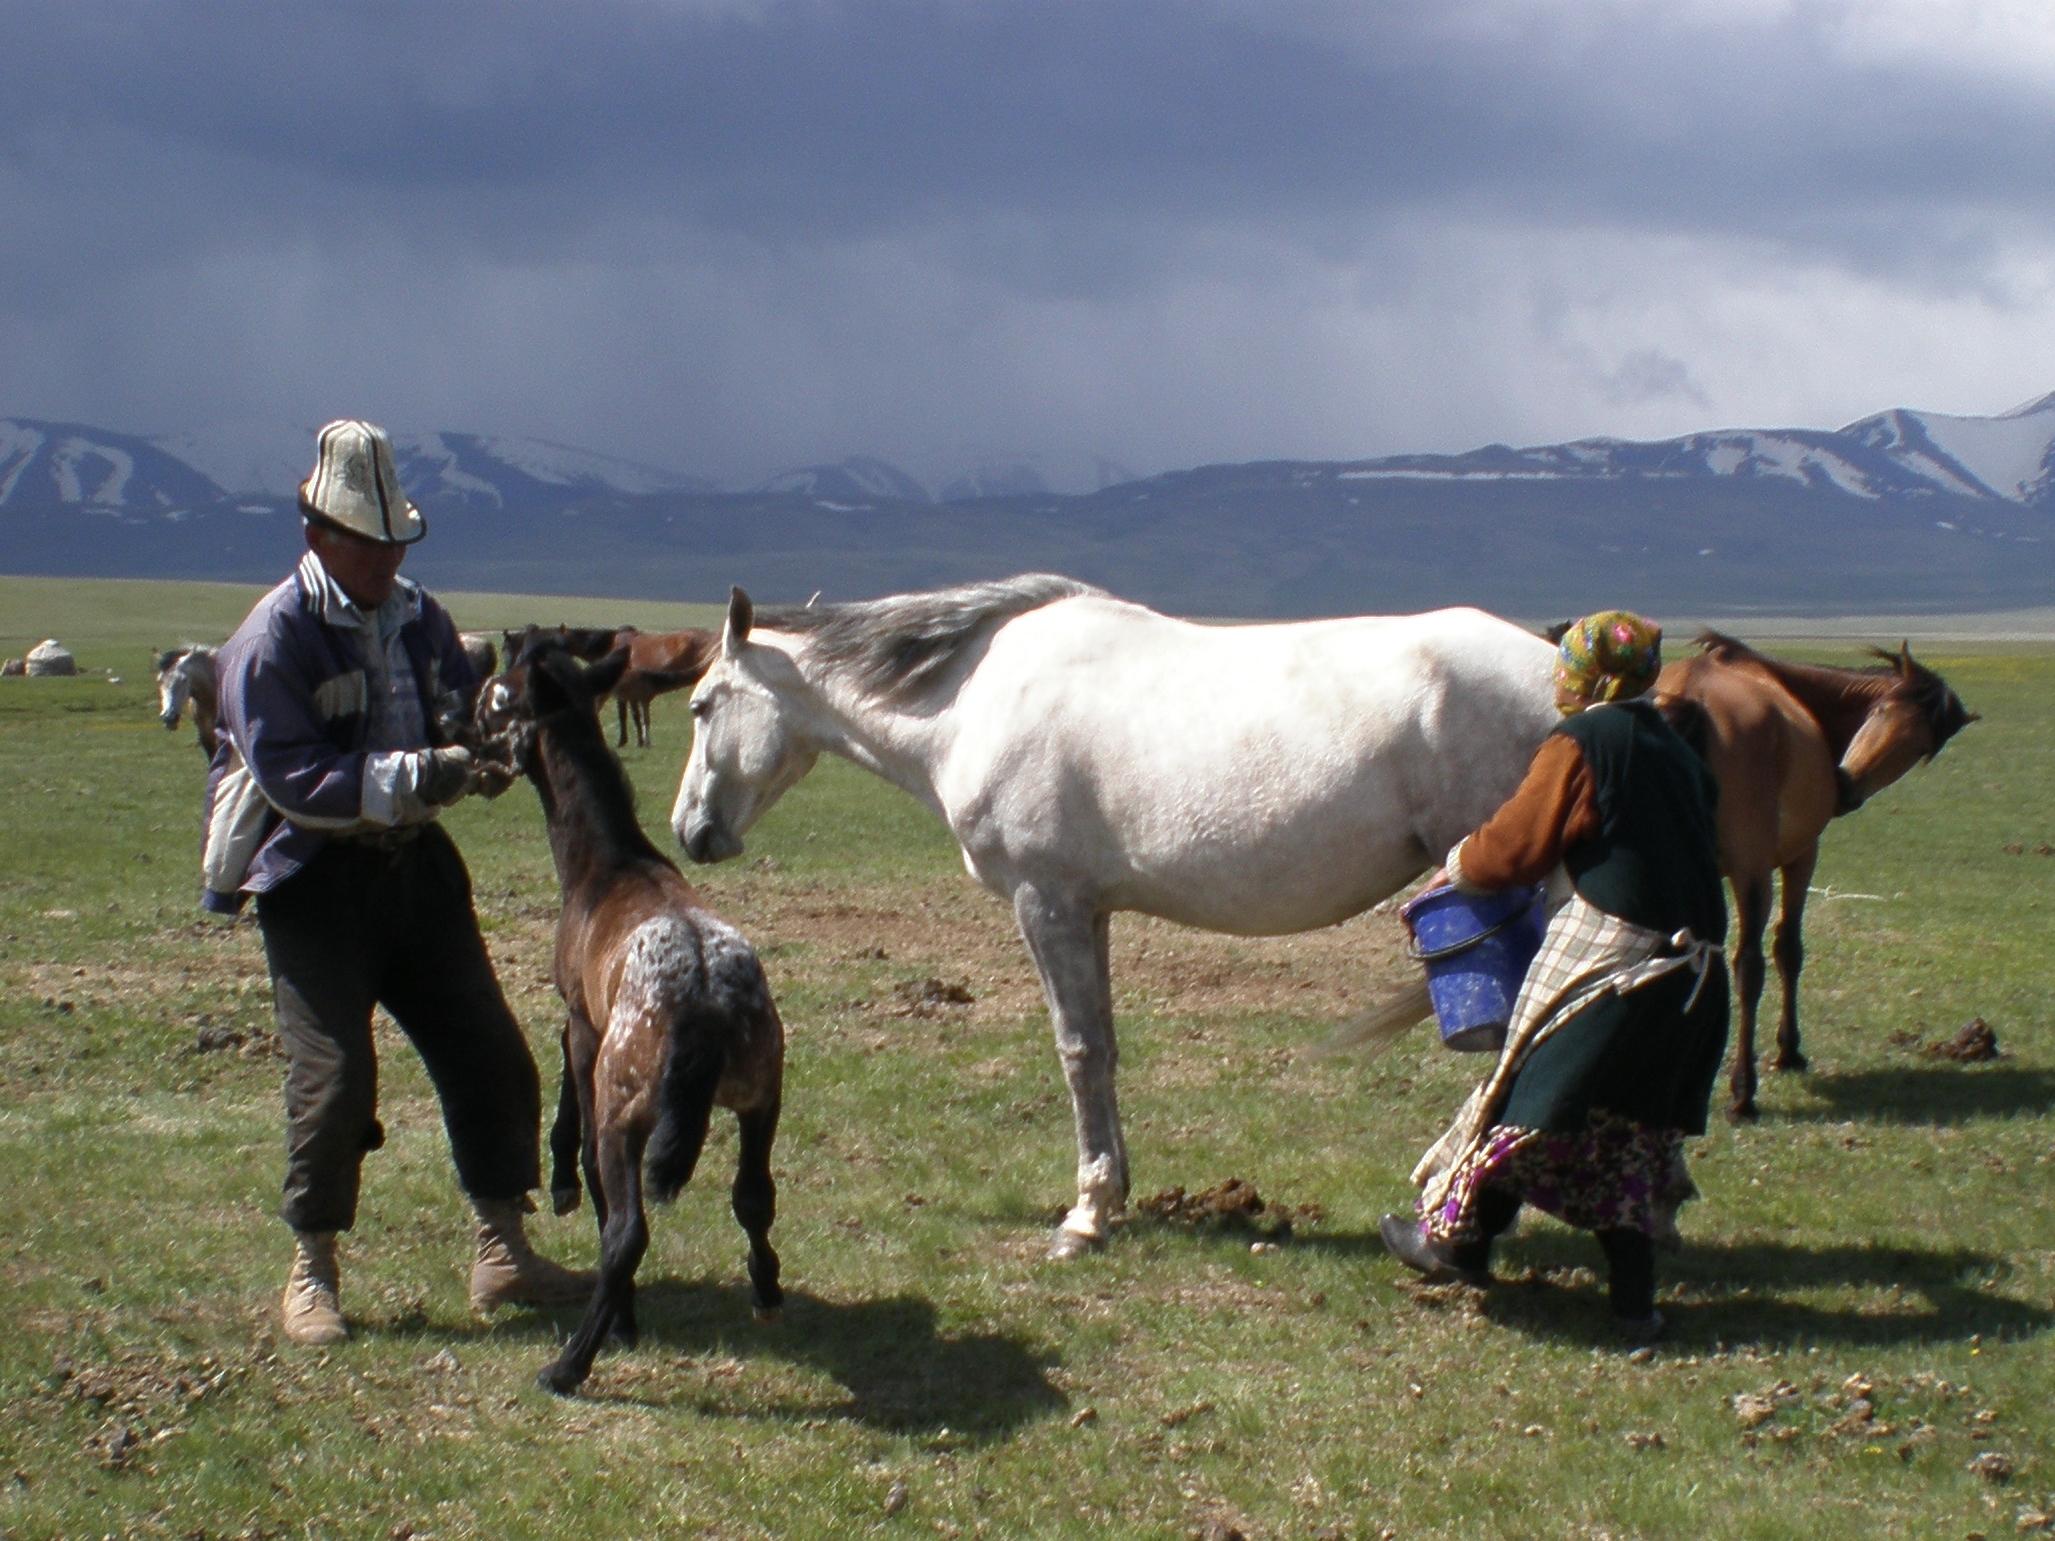 mare milking in Kirgyzstan